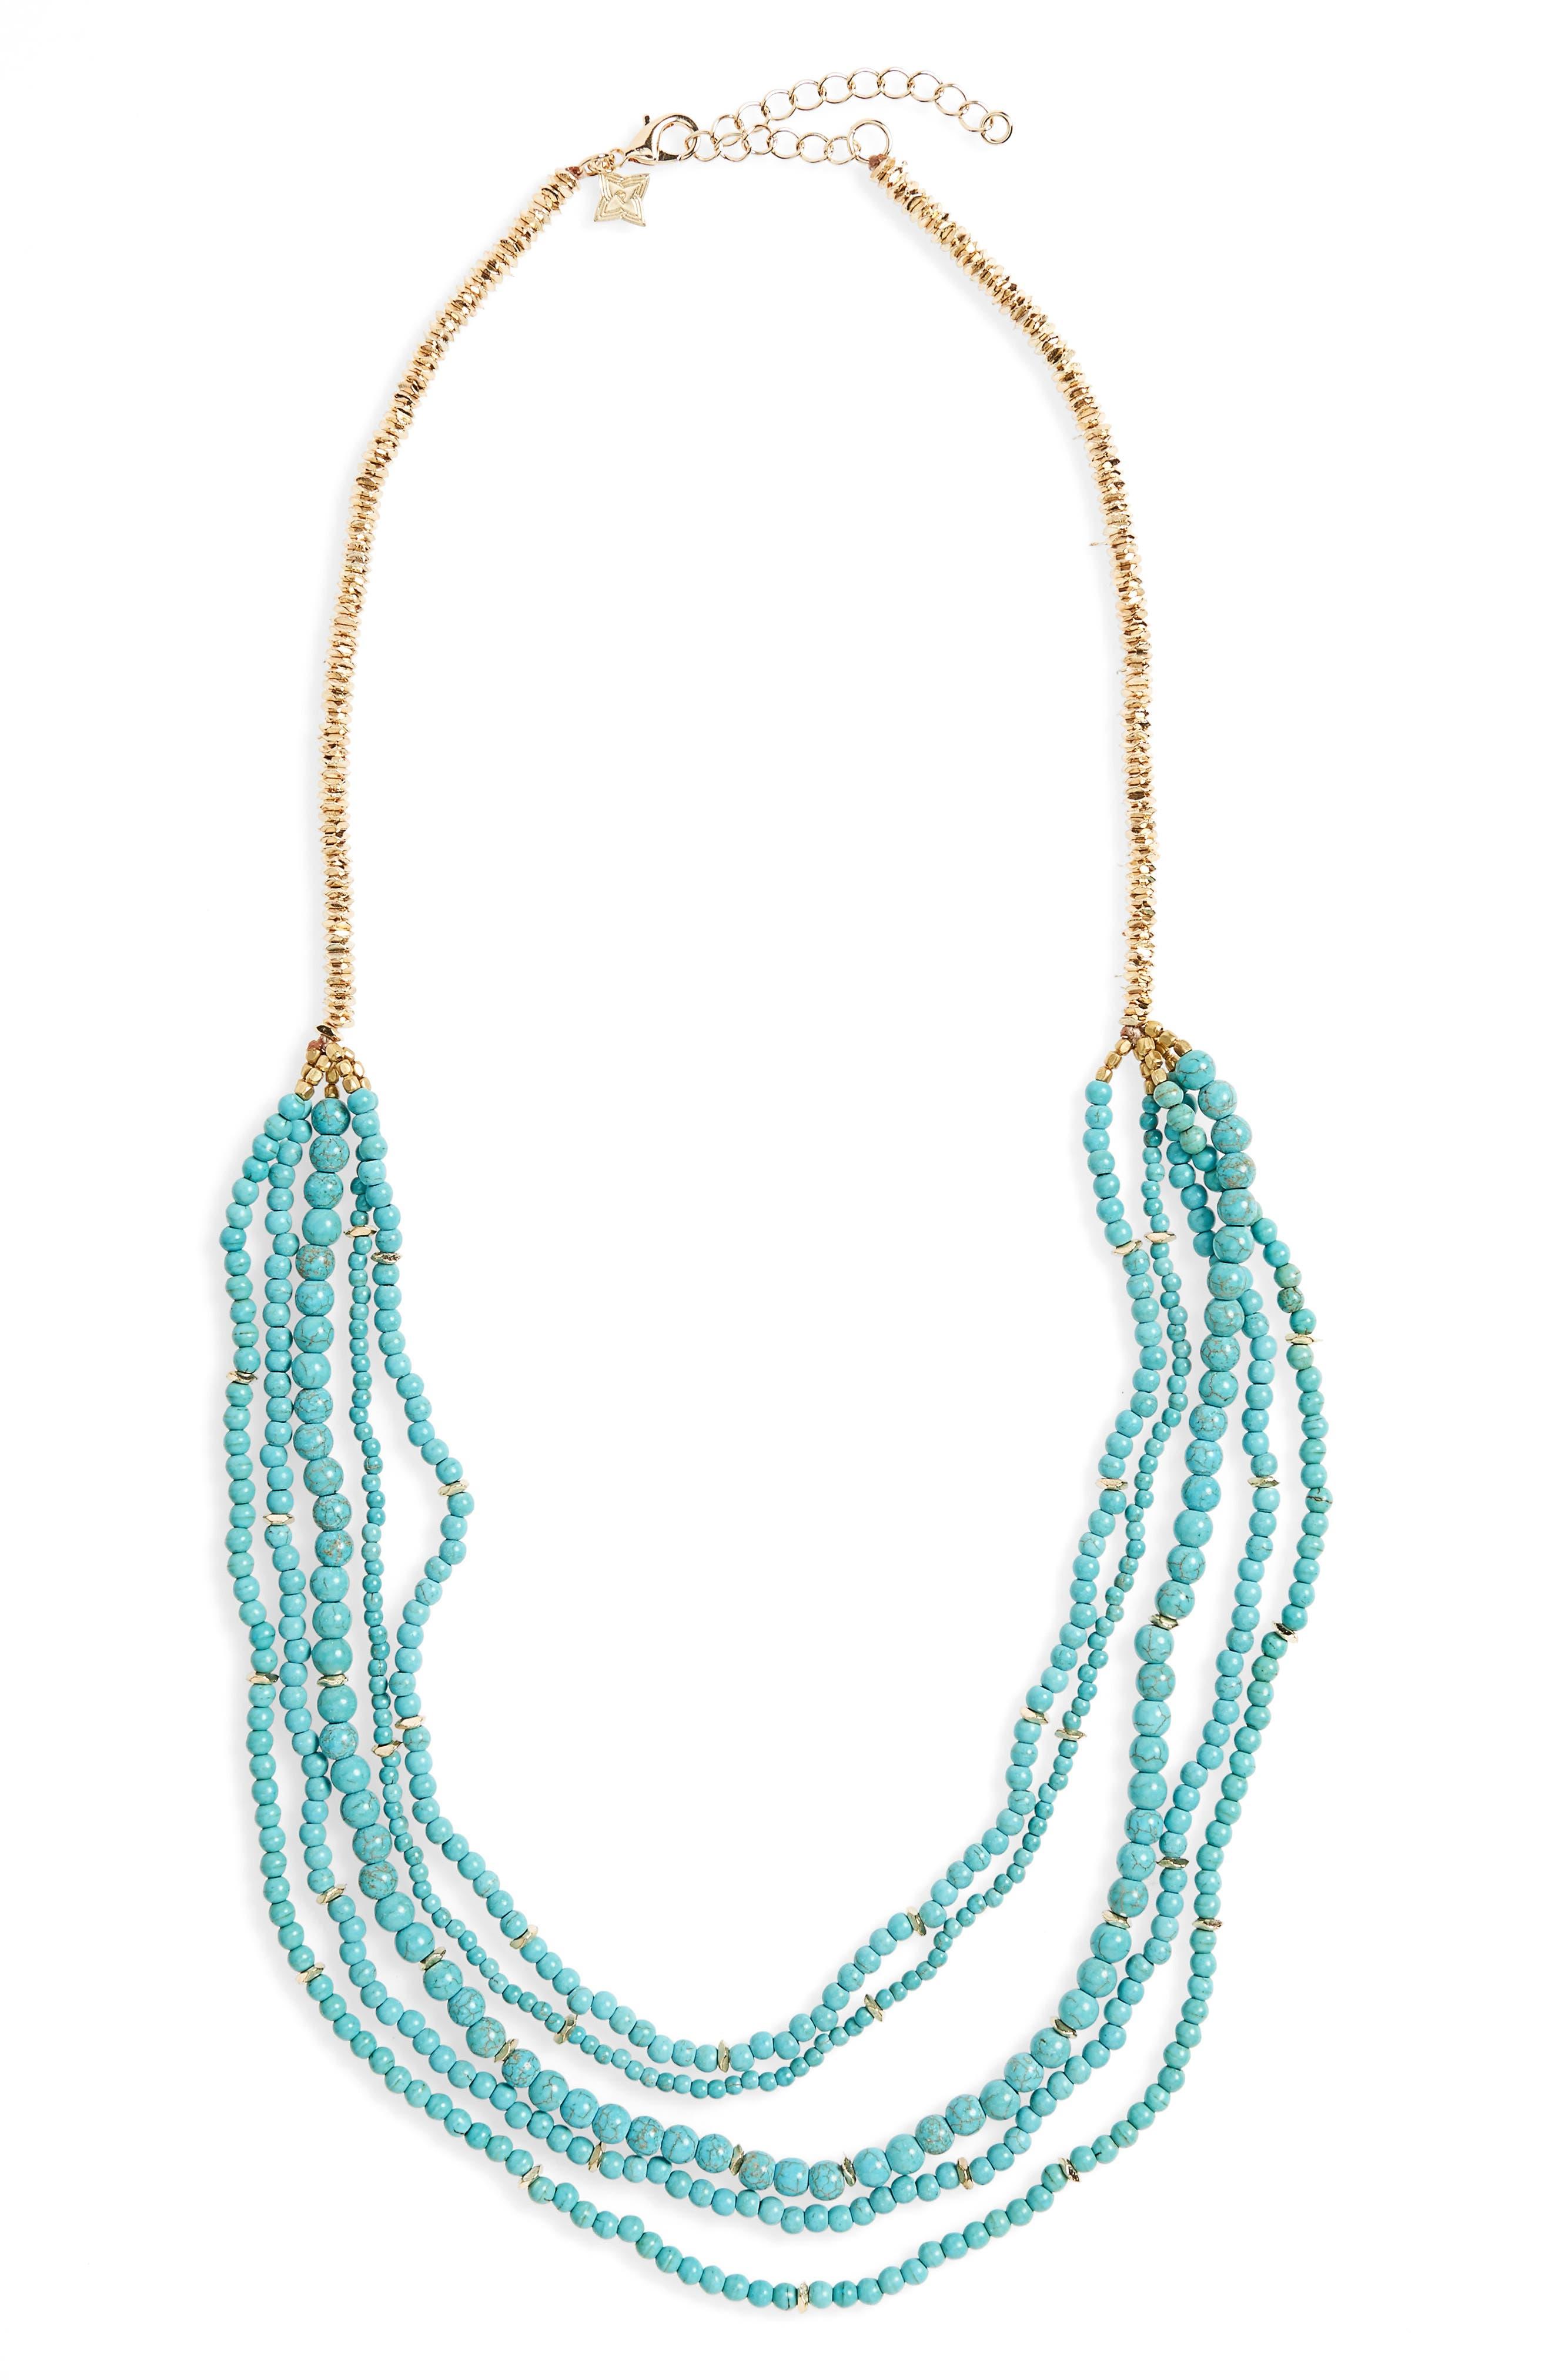 Howlite & Quartz Multistrand Necklace,                             Main thumbnail 1, color,                             Turquoise